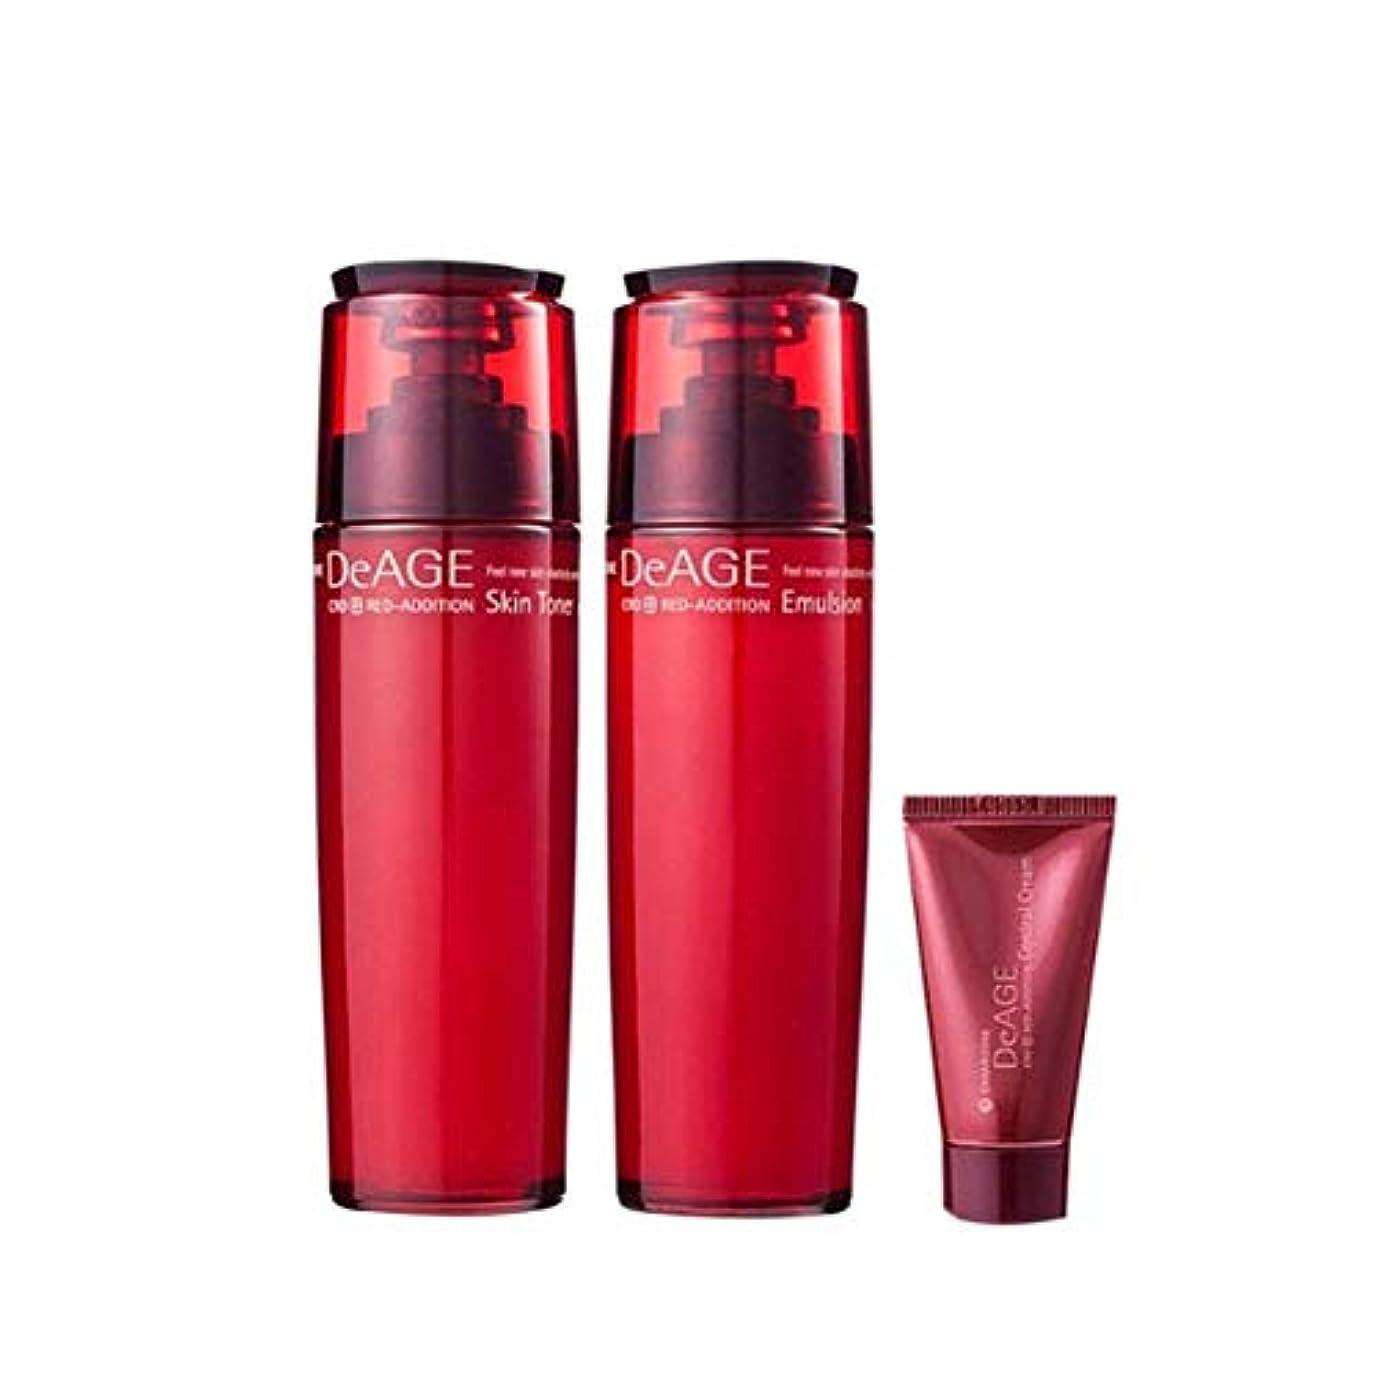 支援公式肉チャムジョンディエイジレッドエディションセット(スキントナー130ml、エマルジョン130ml、コントロールクリーム15ml)、Charmzone DeAGE Red Addition Set(Skin Toner 130ml...